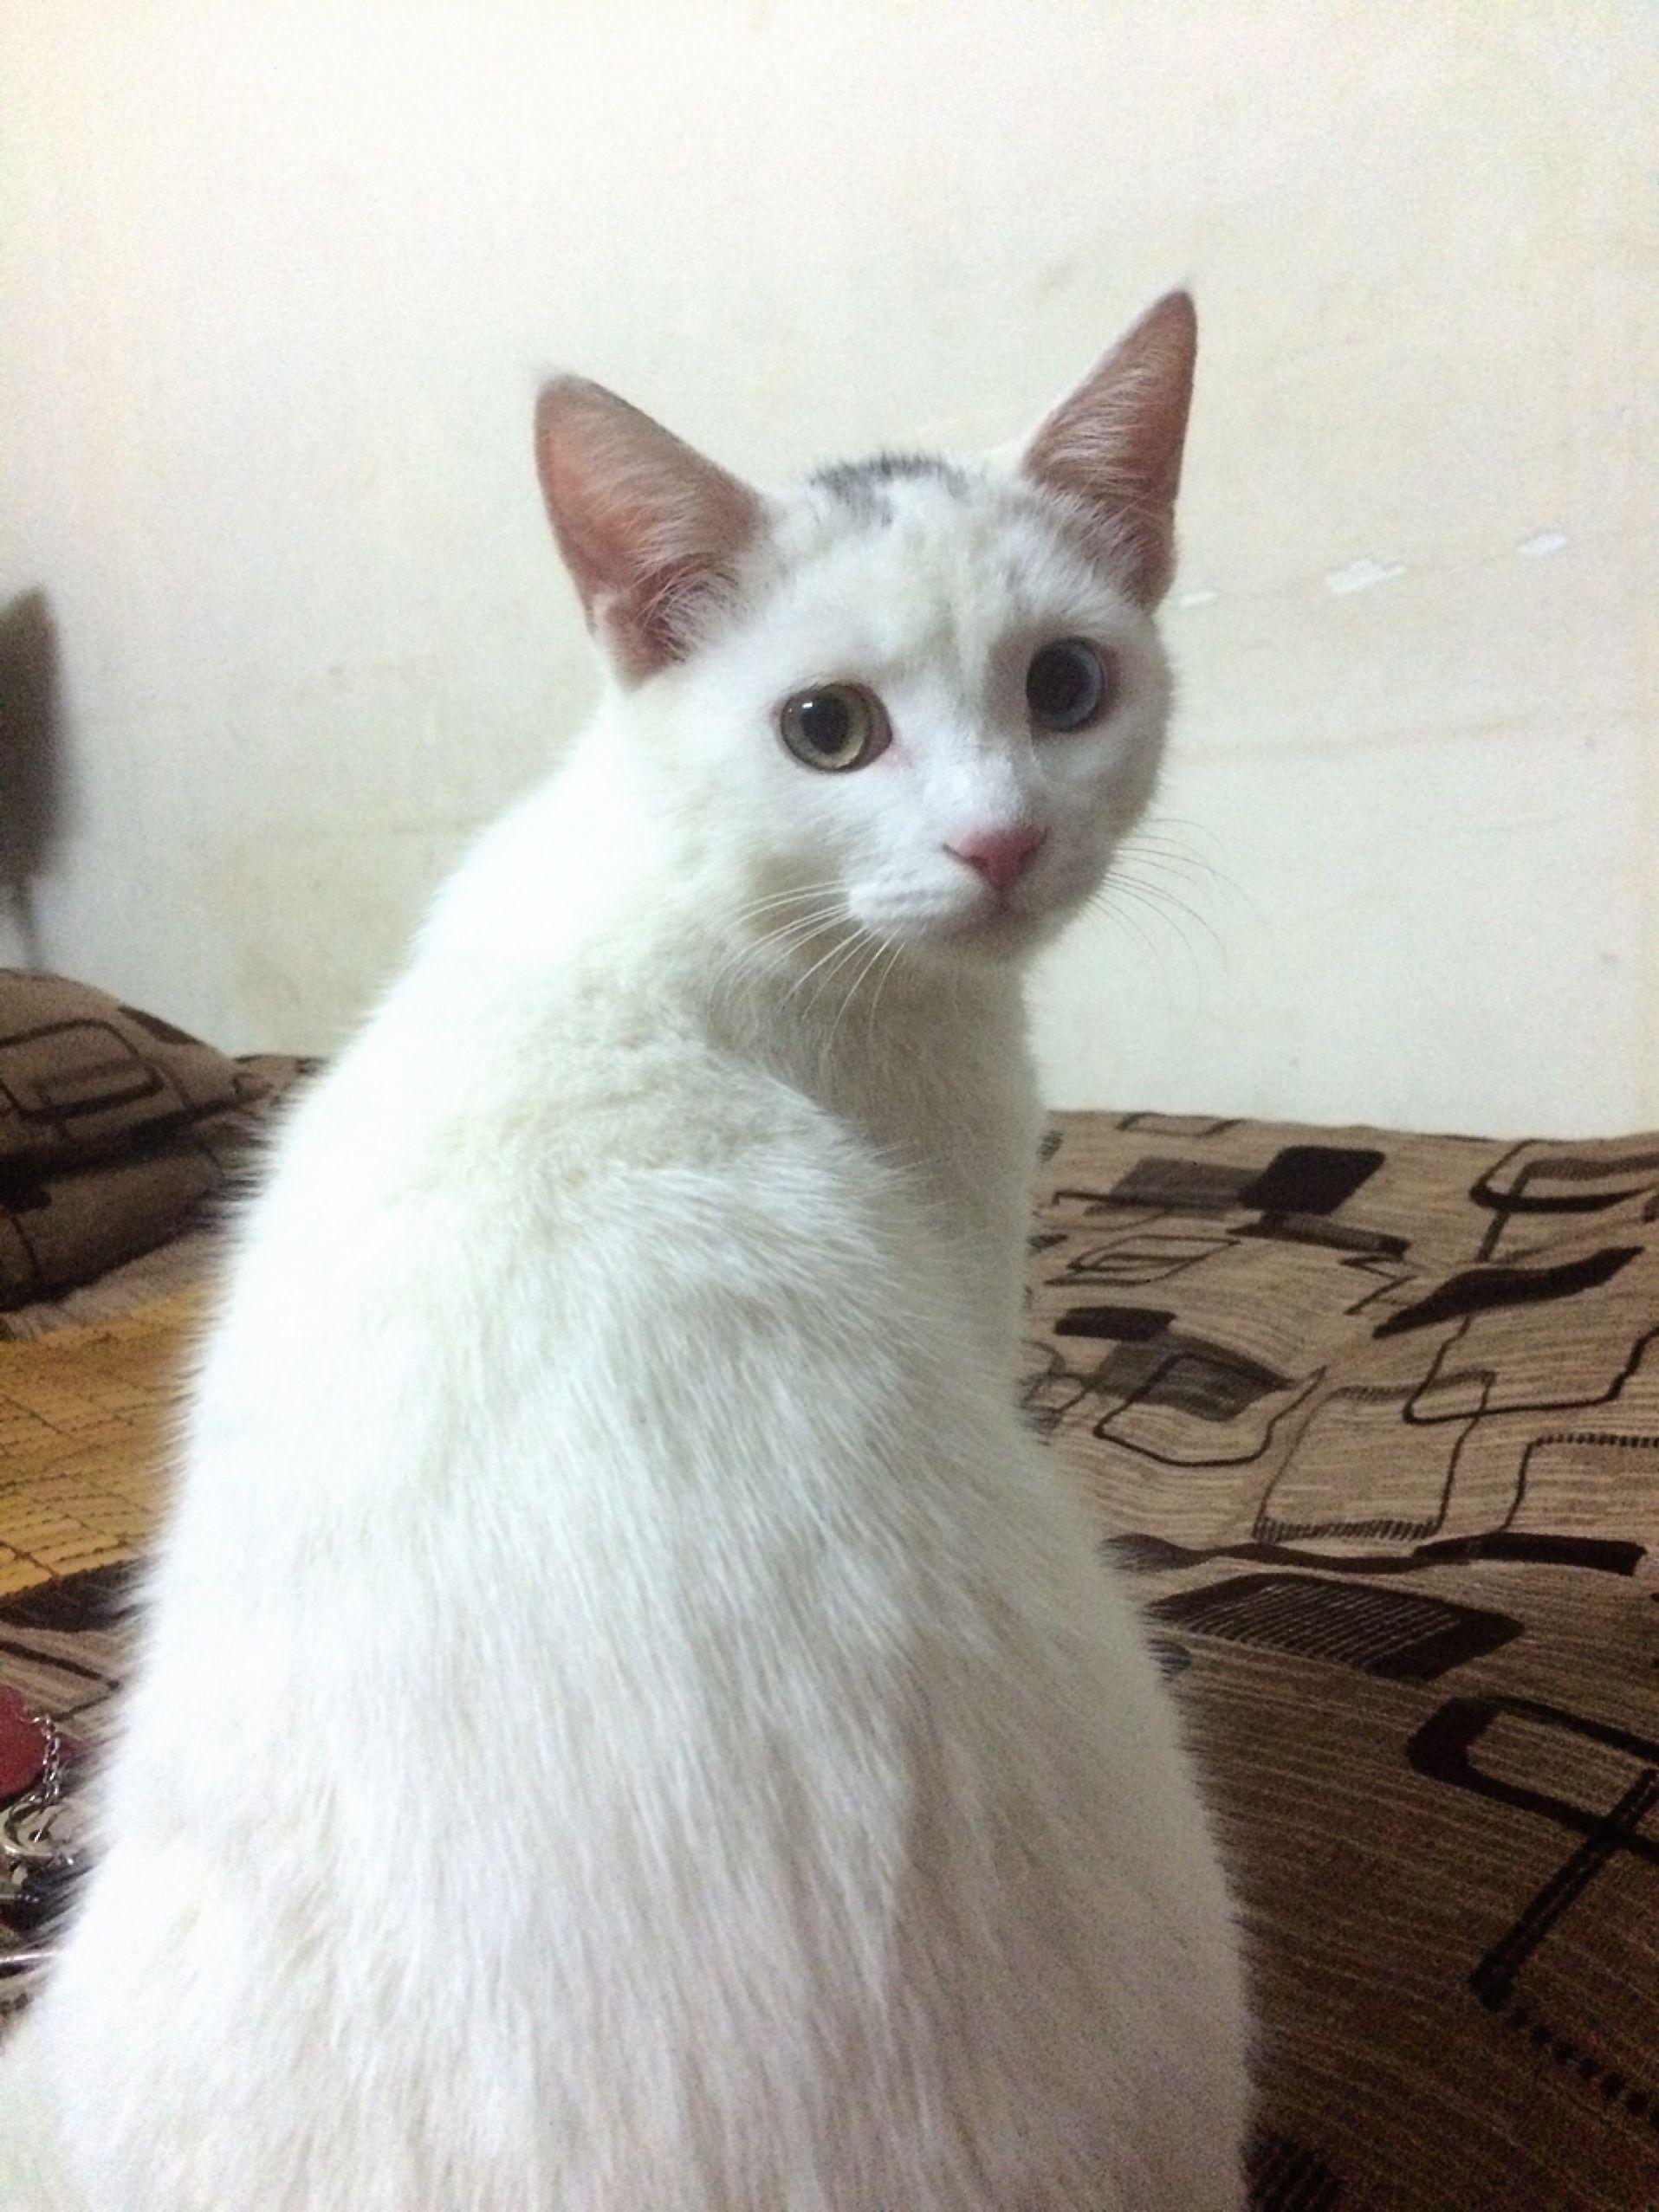 Nasus The Cat Co Sở Thich La Ngủ Ngủ Bất Chấp Tất Cả Ngủ Quen Ngay Thang Ngủ Say Me Quen đời Khi Ngủ Thường Hay Khoe Hang Nh Animals Beautiful